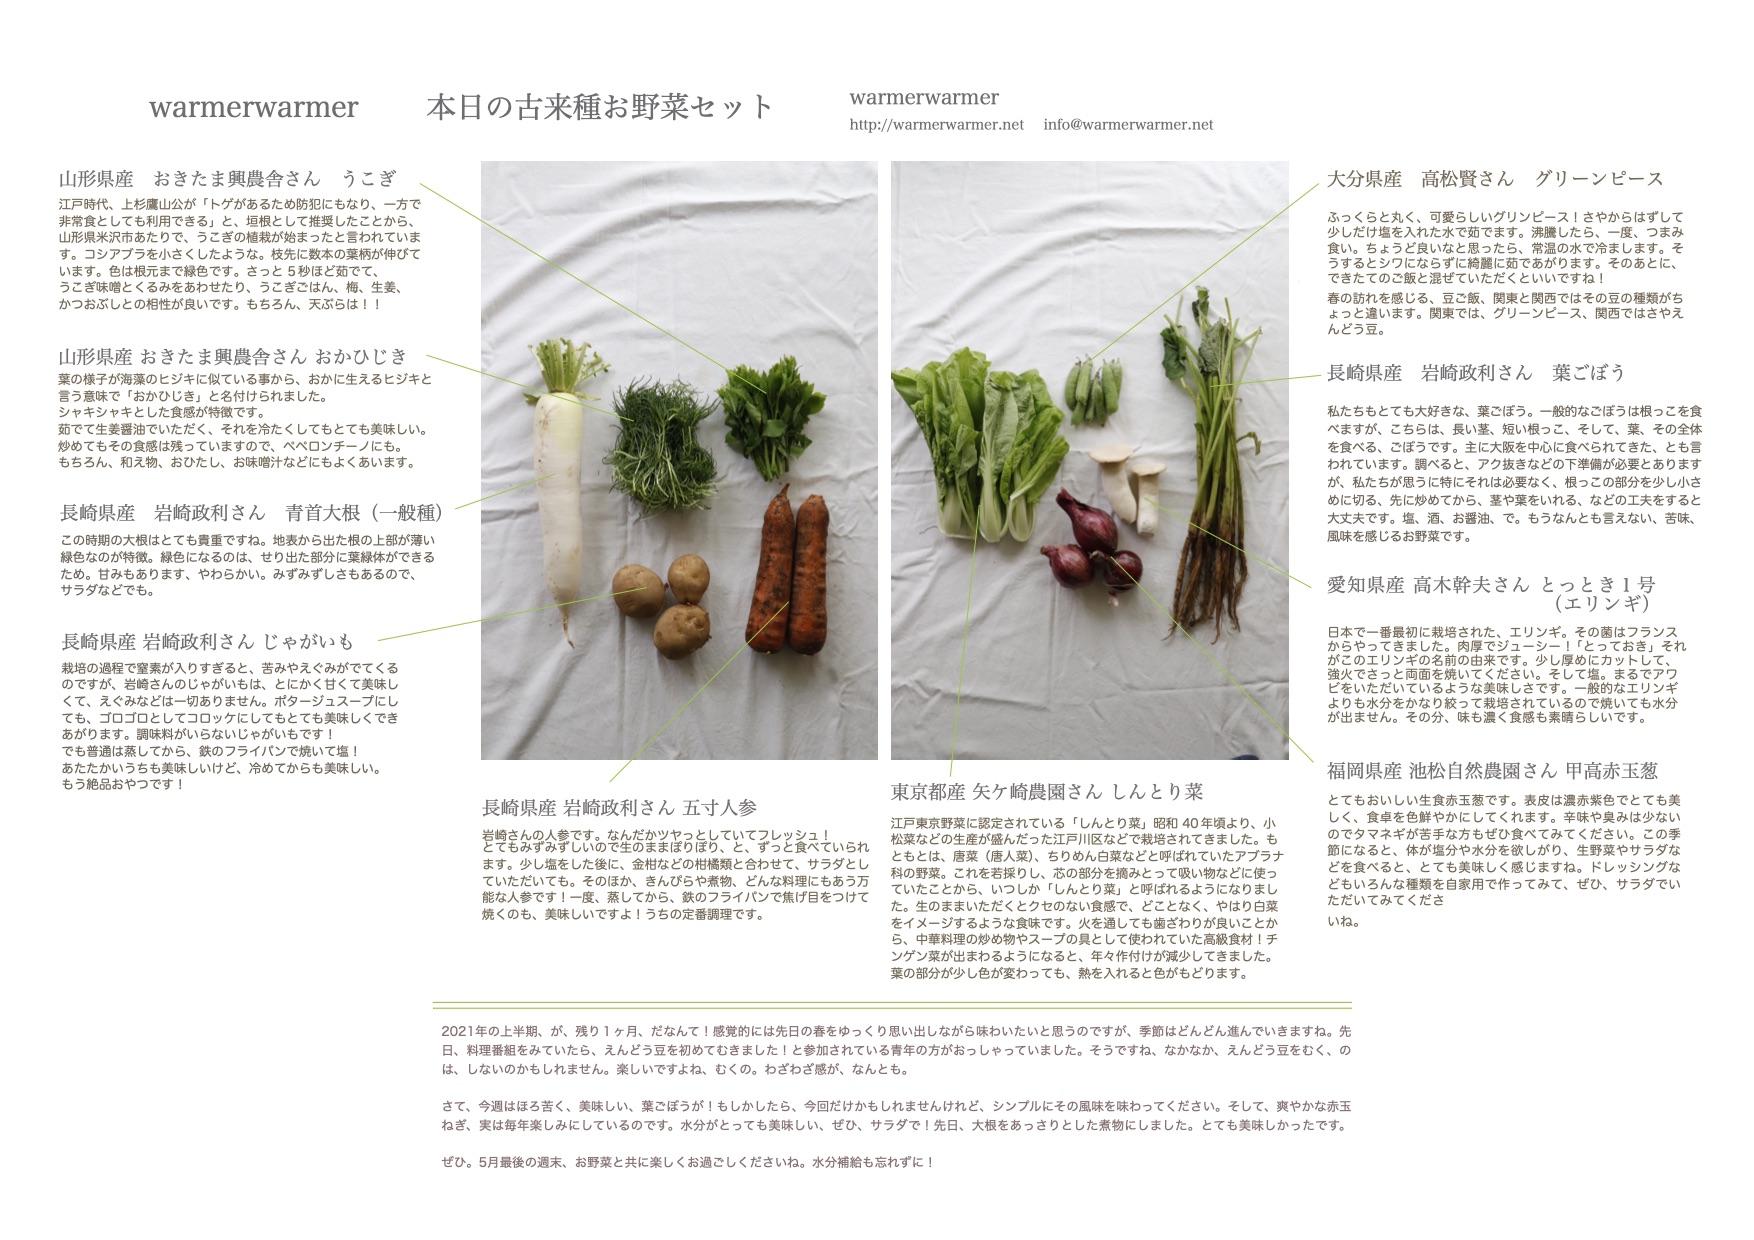 6月4日 本日のお野菜セットの内容です。